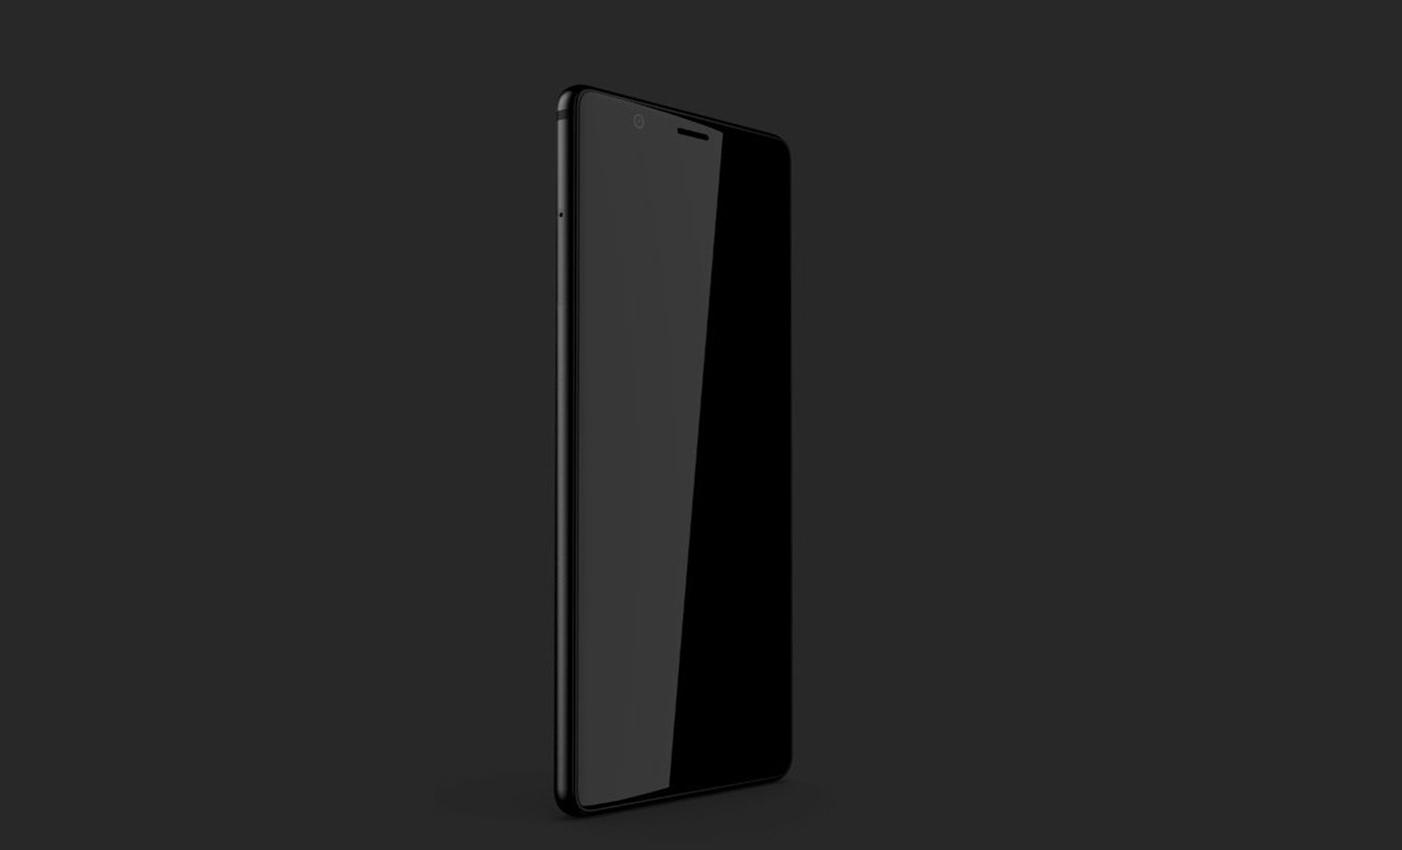 Смартфон-«призрак» BlackBerry на рендере